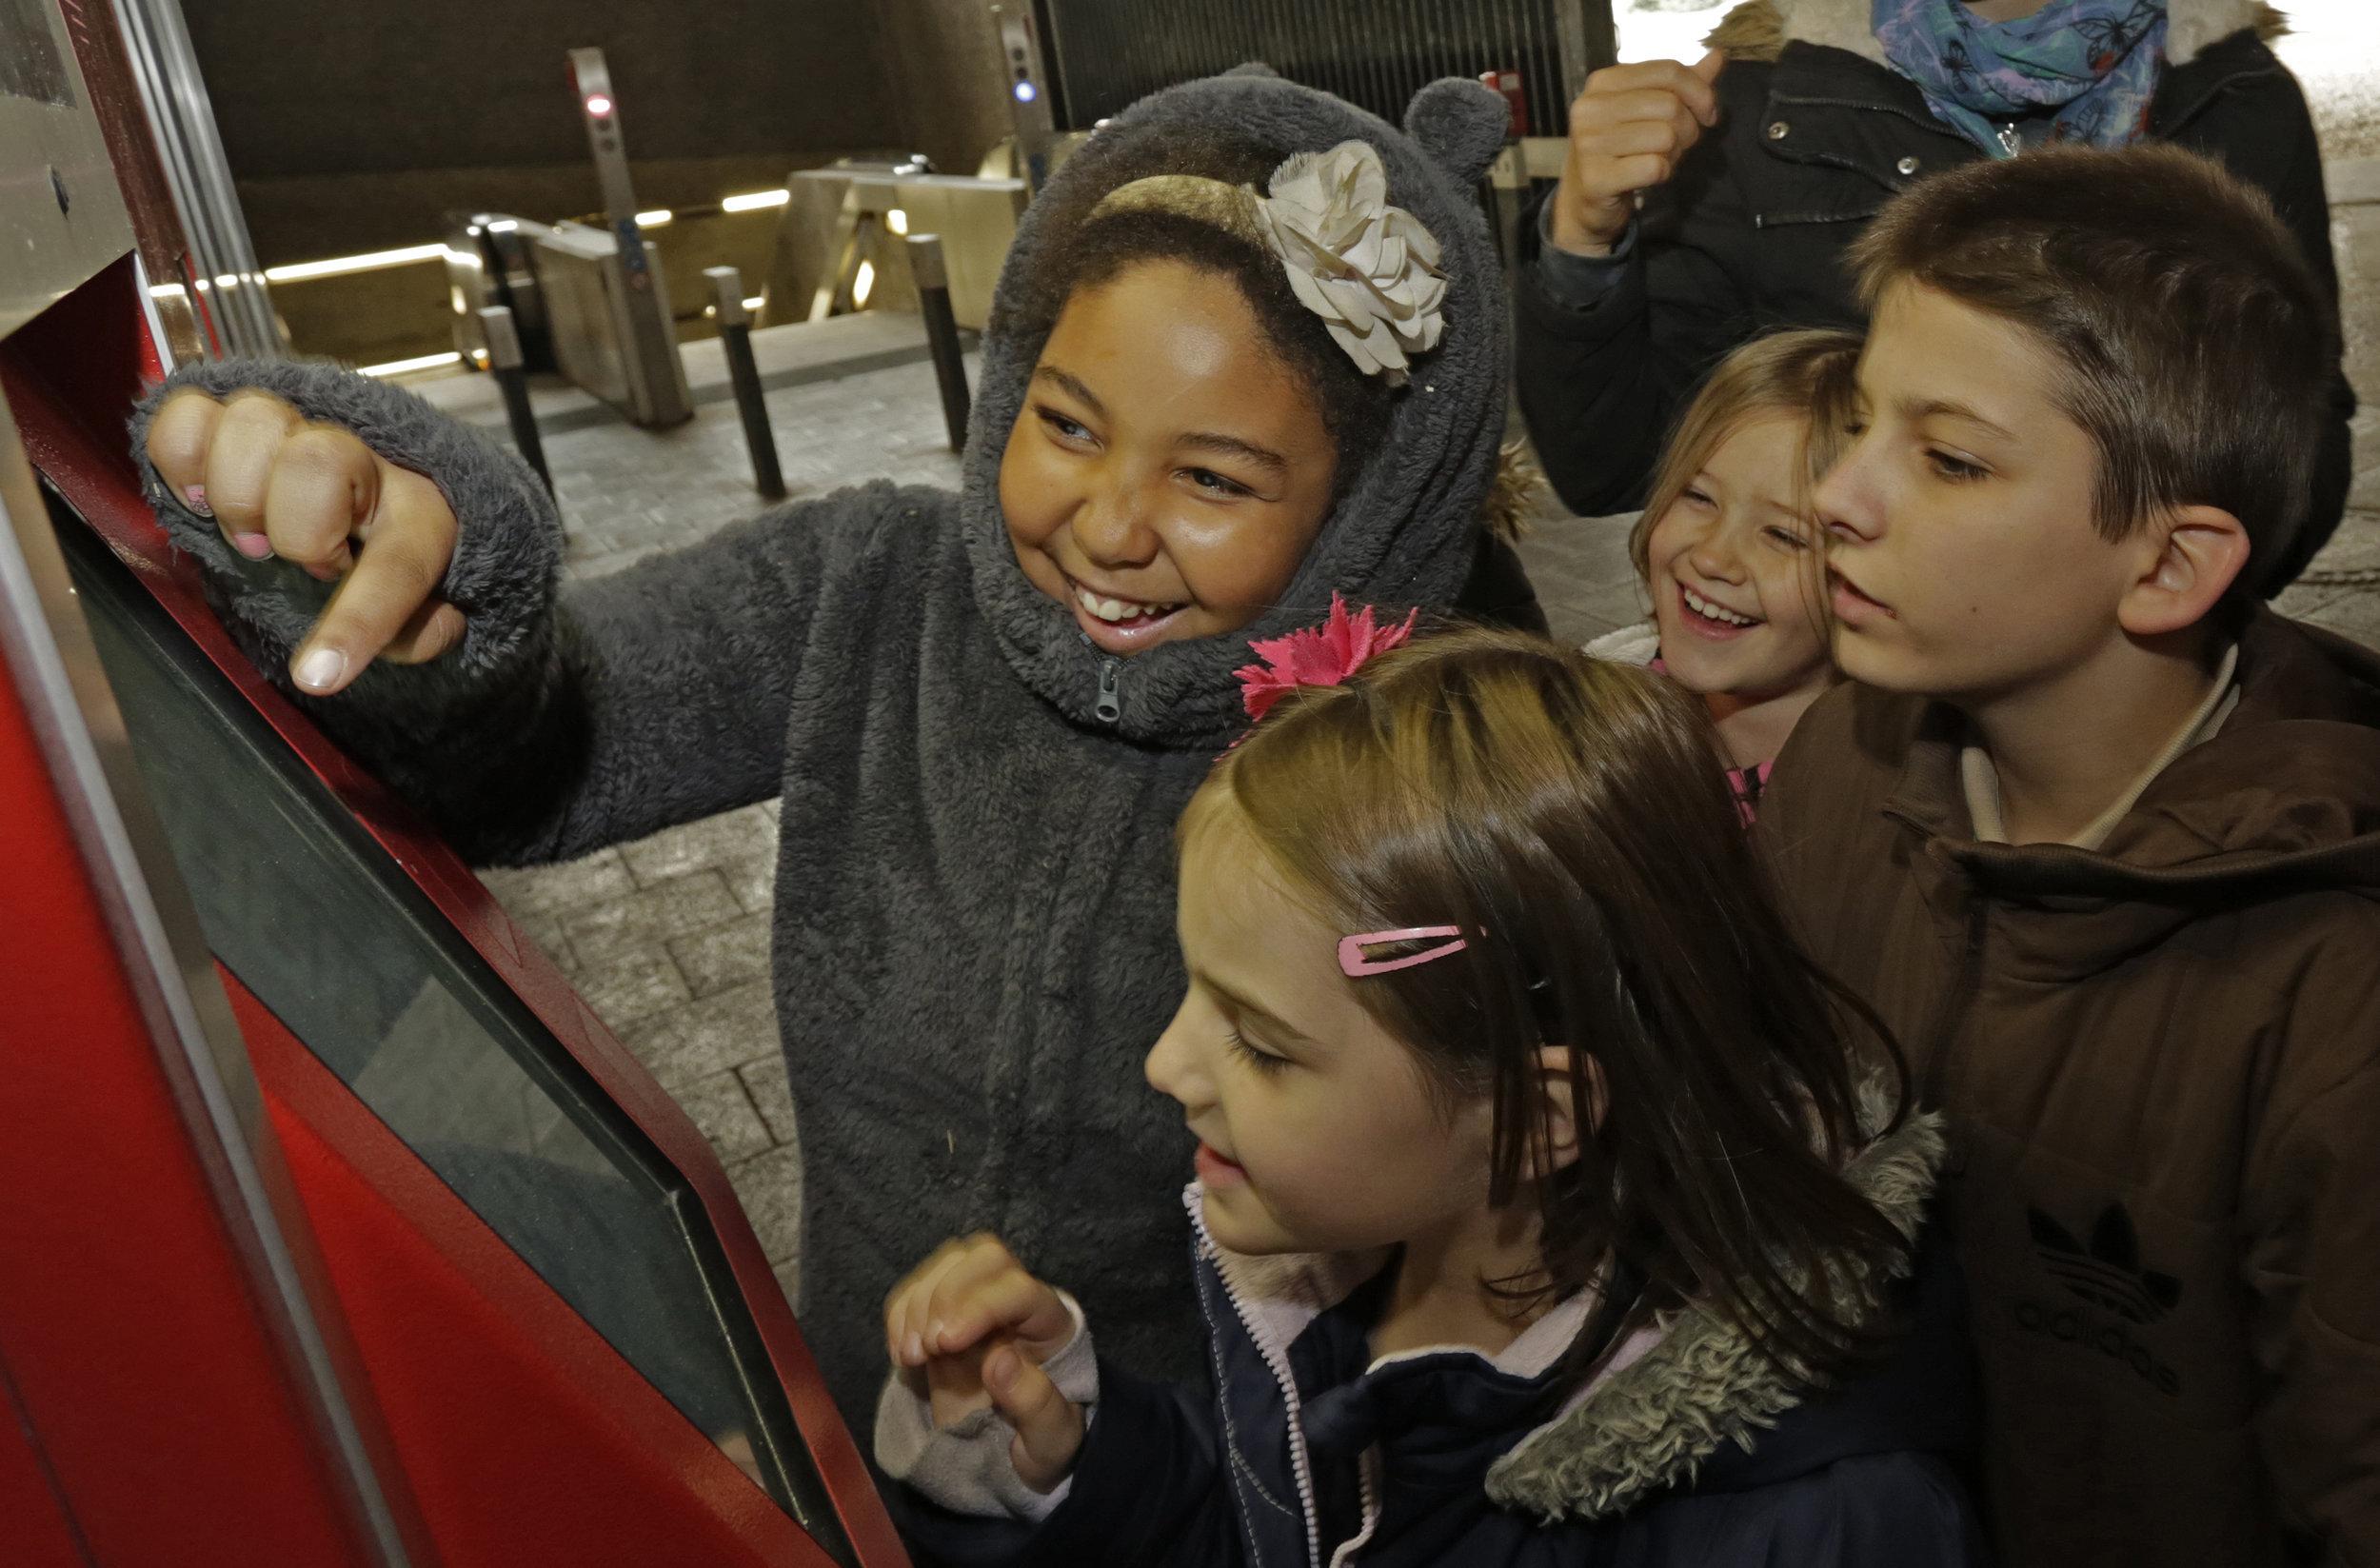 Bild aus dem Programm CHILDREN Entdecker (Kinderarmut): Kinder kaufen Tickets am Fahrkartenautomaten